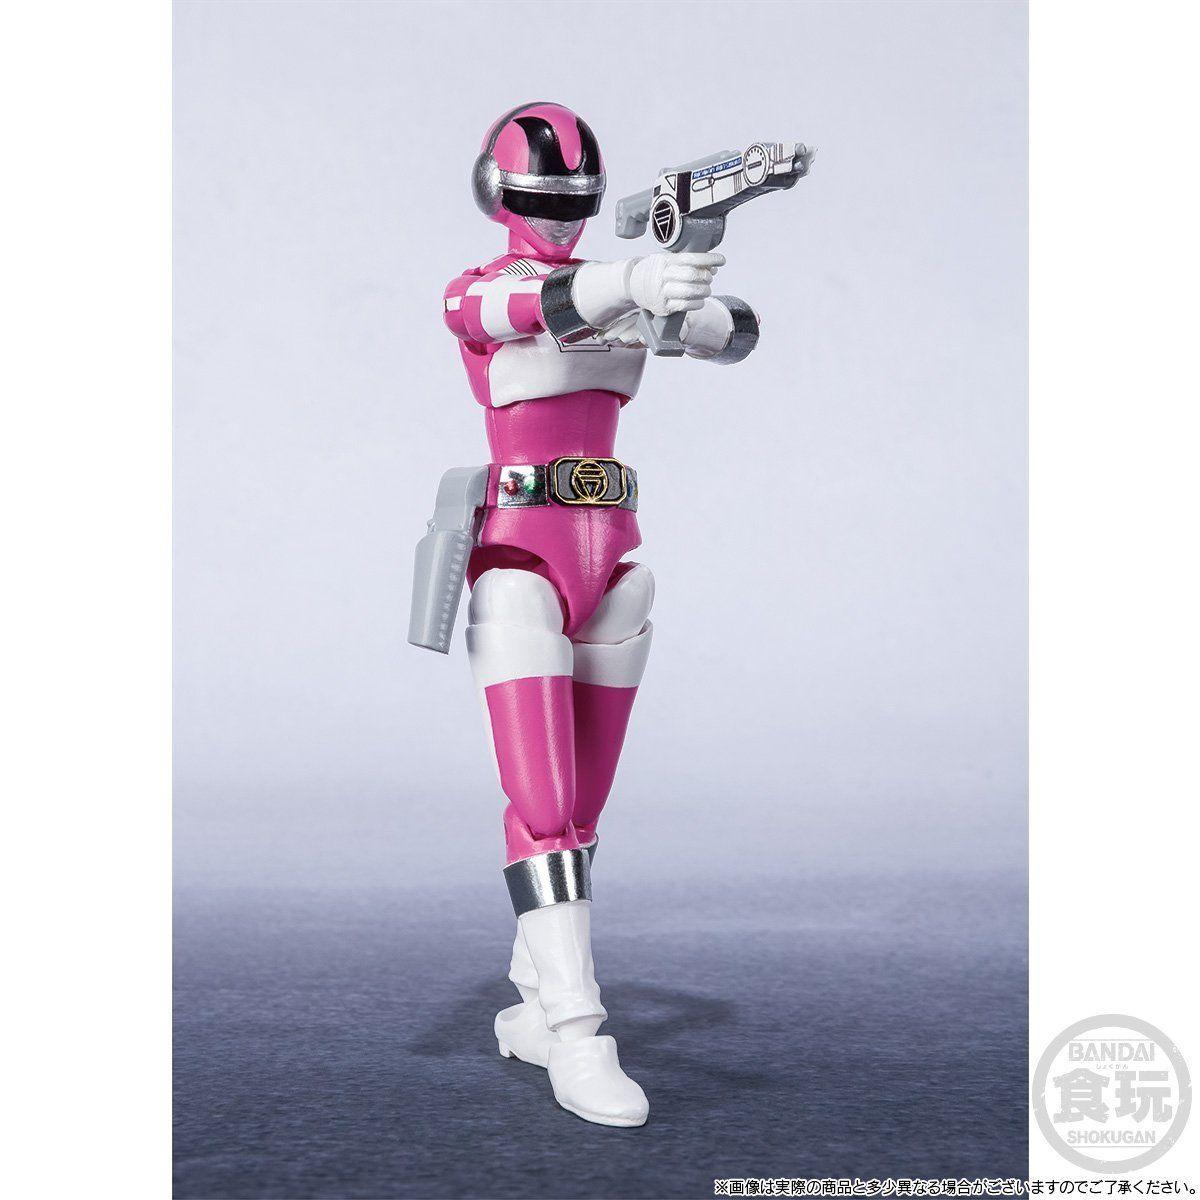 【限定販売】【食玩】SHODO SUPER『超電子バイオマン』可動フィギュア-008